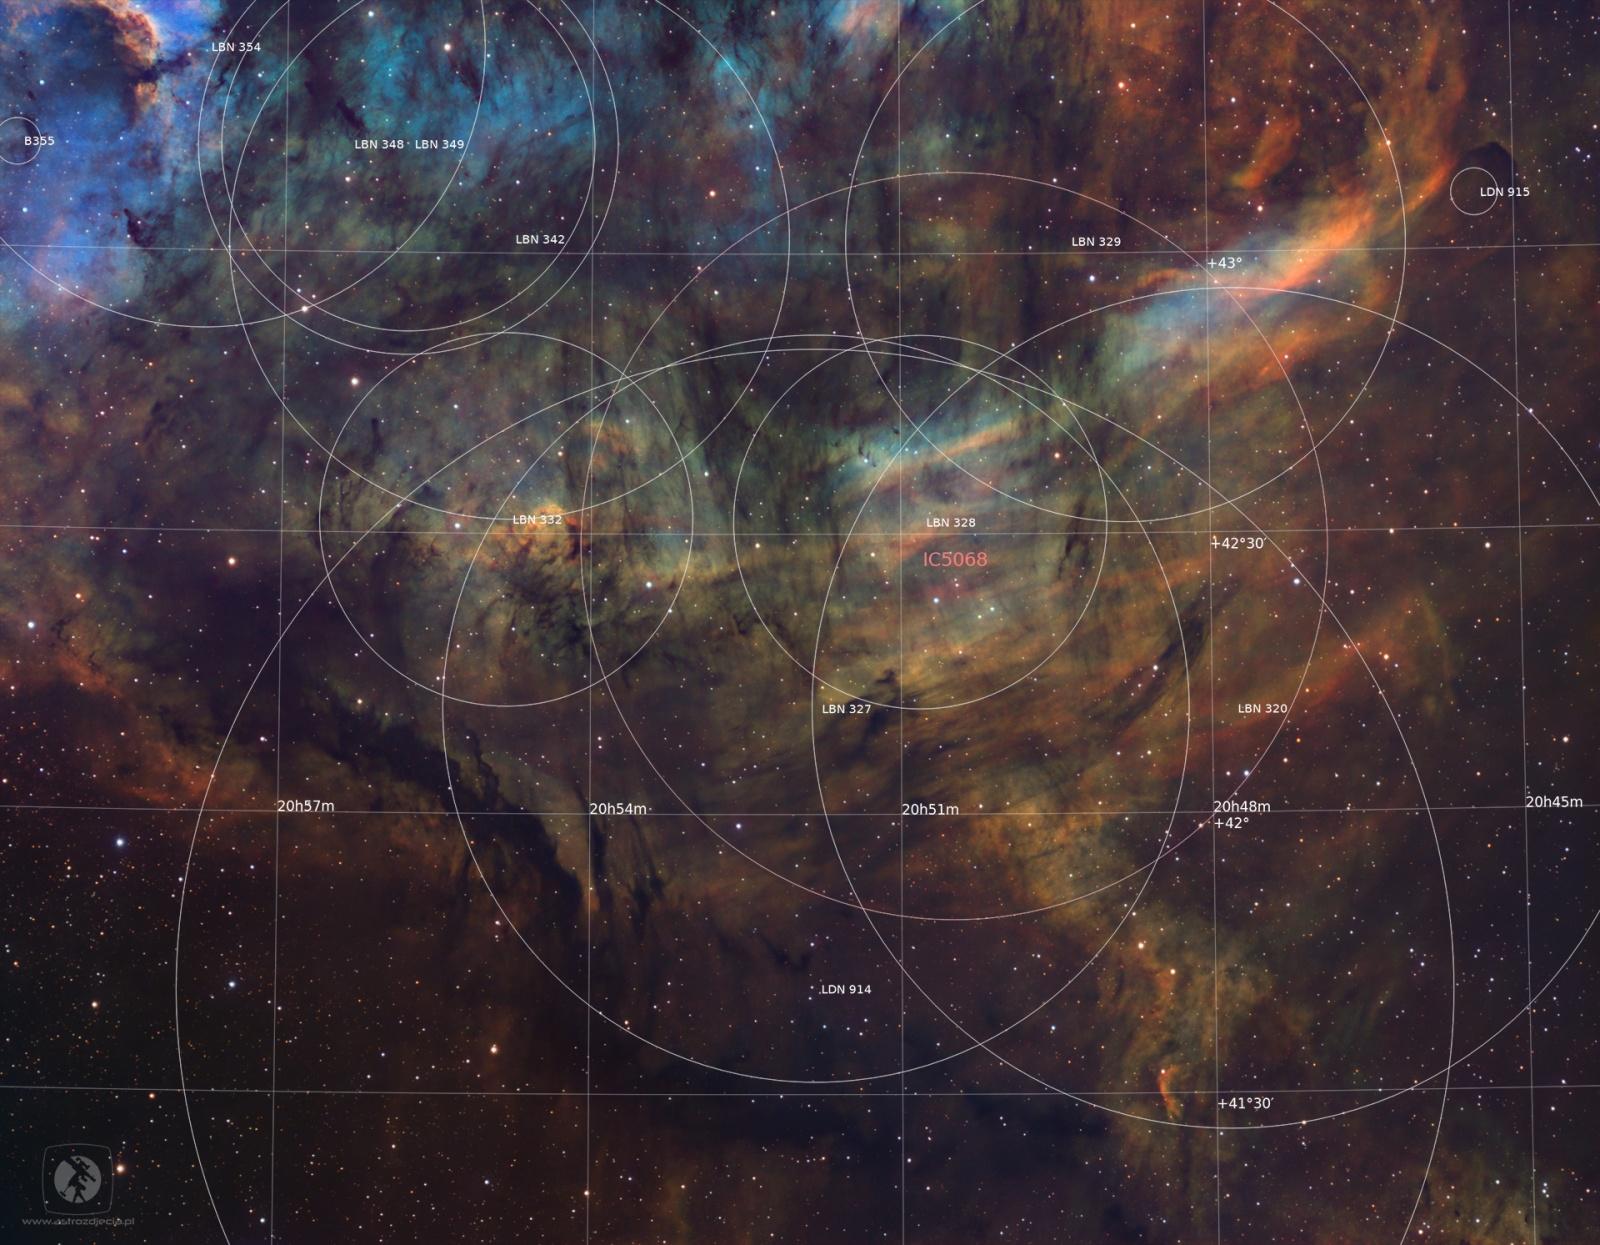 IC5068-opis.thumb.jpg.38627b9743b4c0d07440607413ab677e.jpg